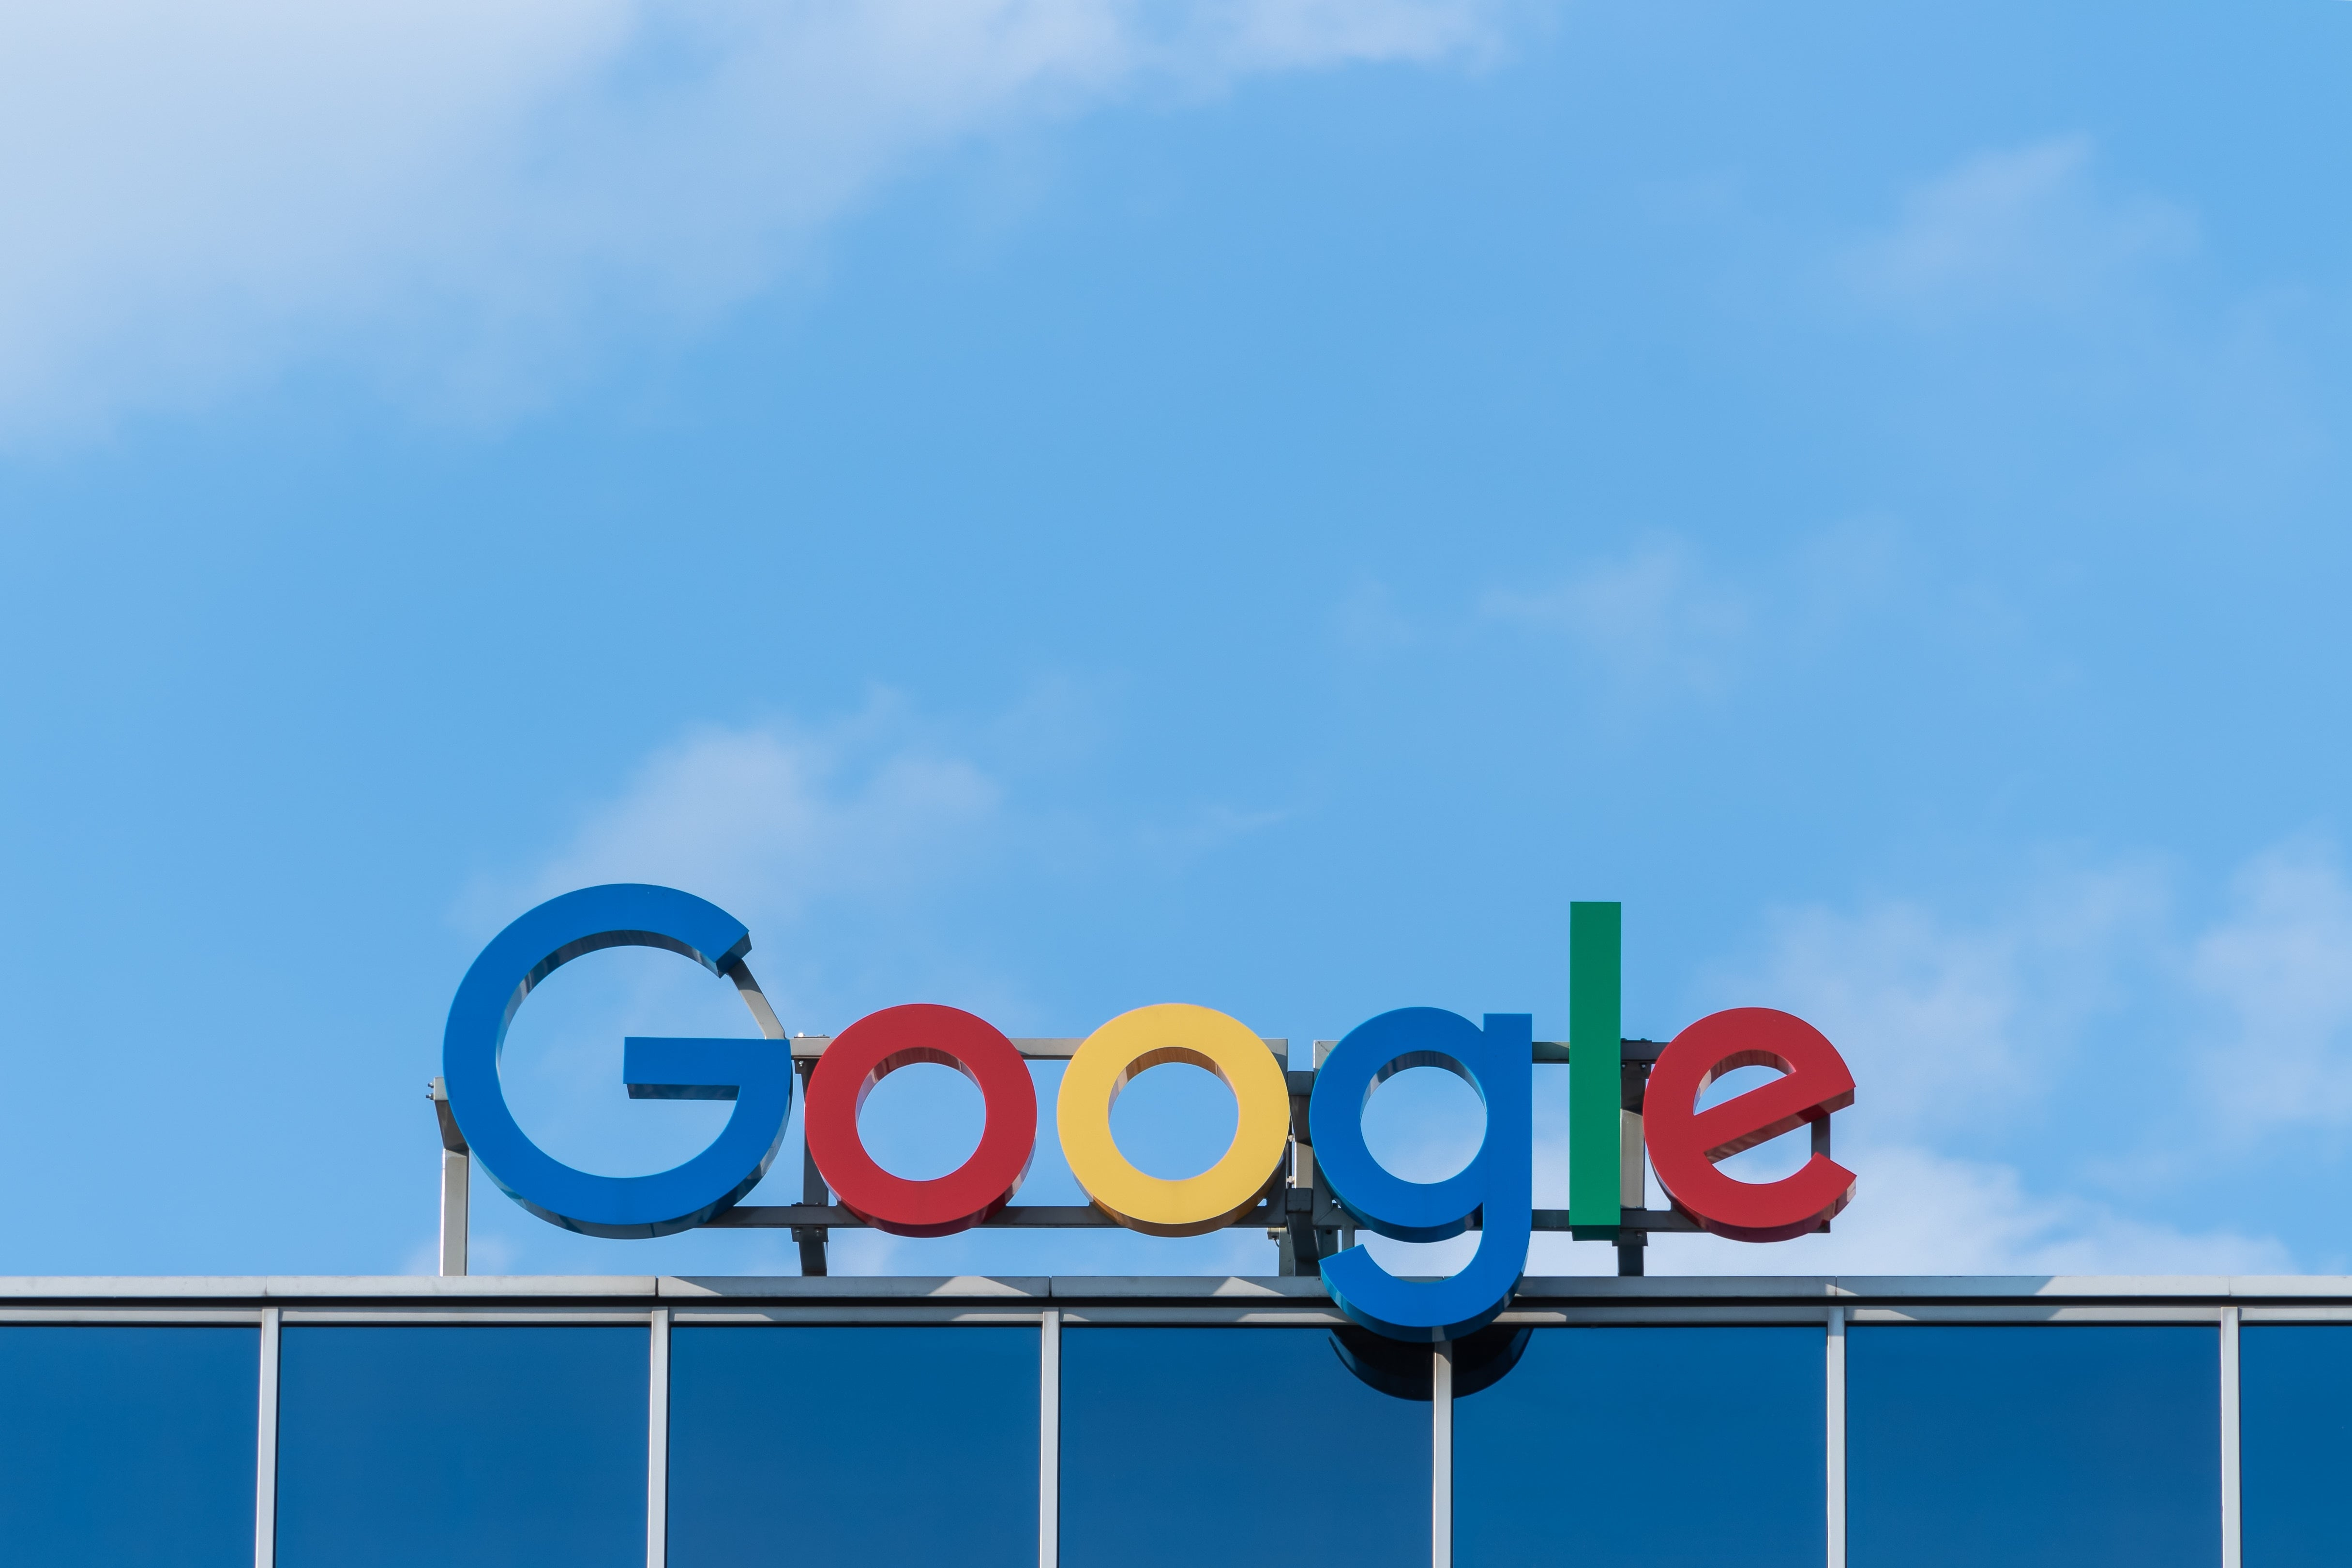 Neues bei Google: Wechsel von Zweit- zu Erstpreisauktion im Google Ad Manager